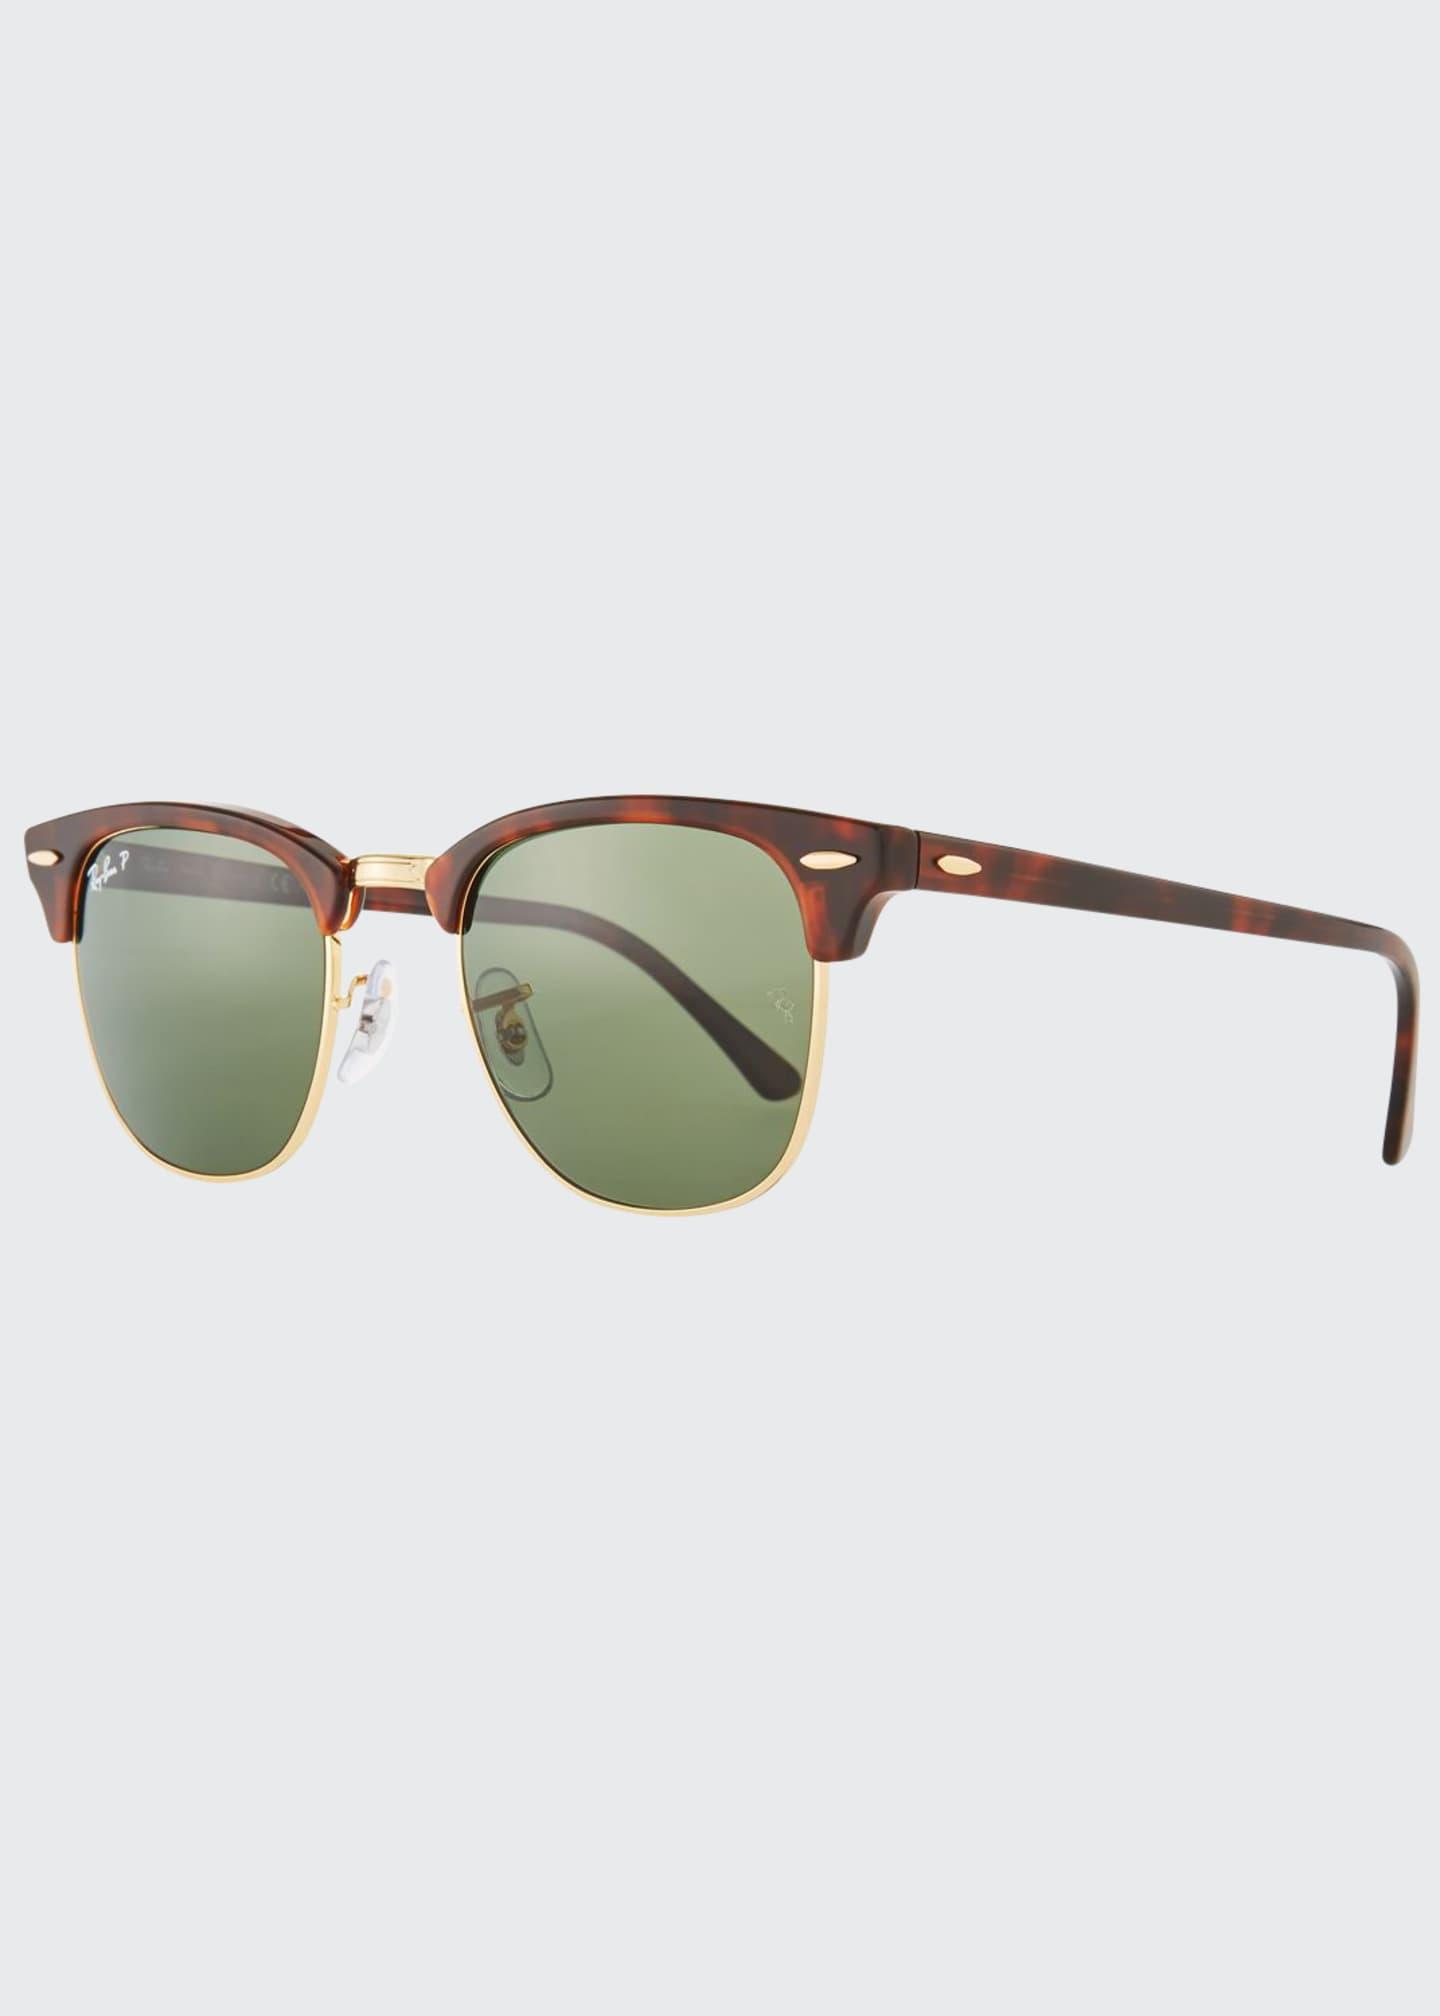 Ray-Ban Men's Classic Clubmaster Polarized Half-Rim Sunglasses